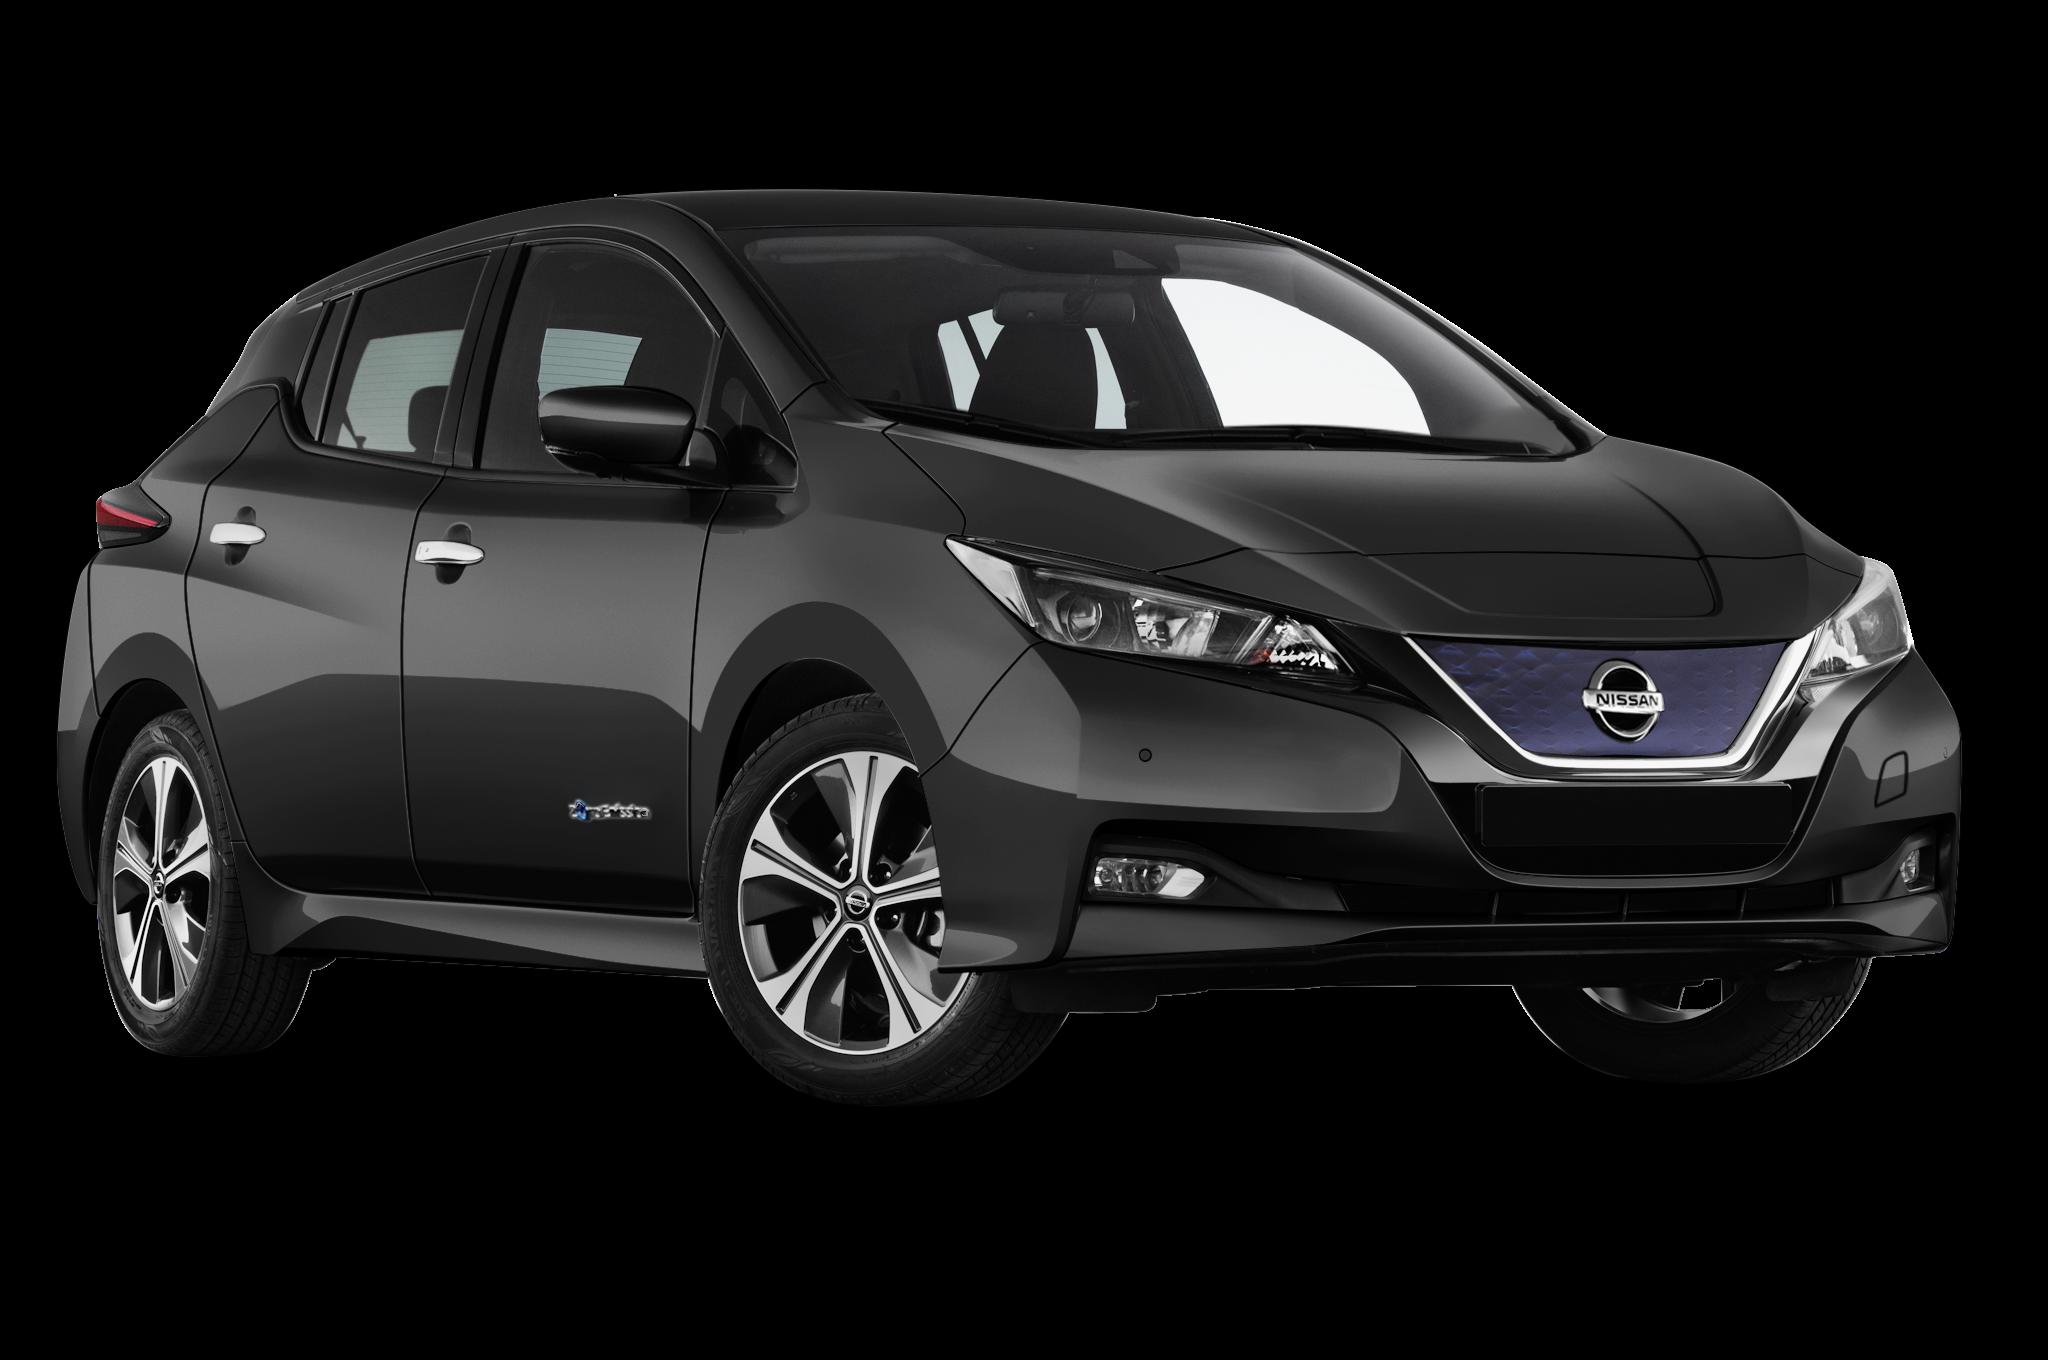 Nissan Lease Deals >> Nissan Lease